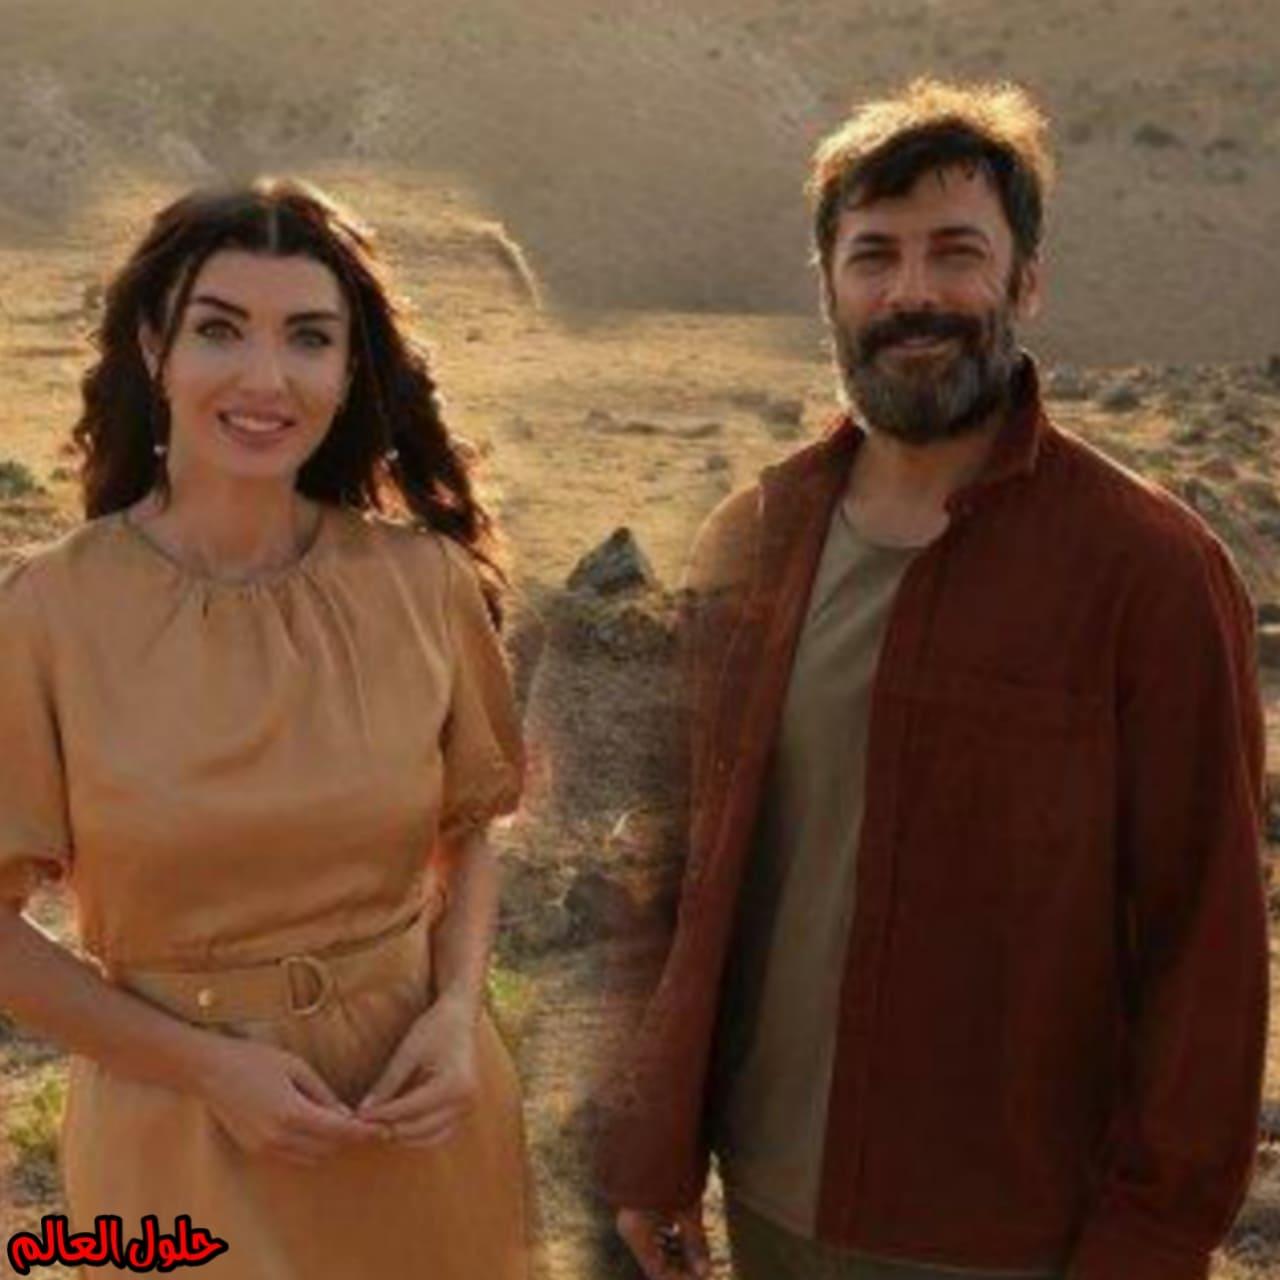 مسلسل حكاية المدينة البعيدة Uzak Şehrin Masalı - حلول العالم